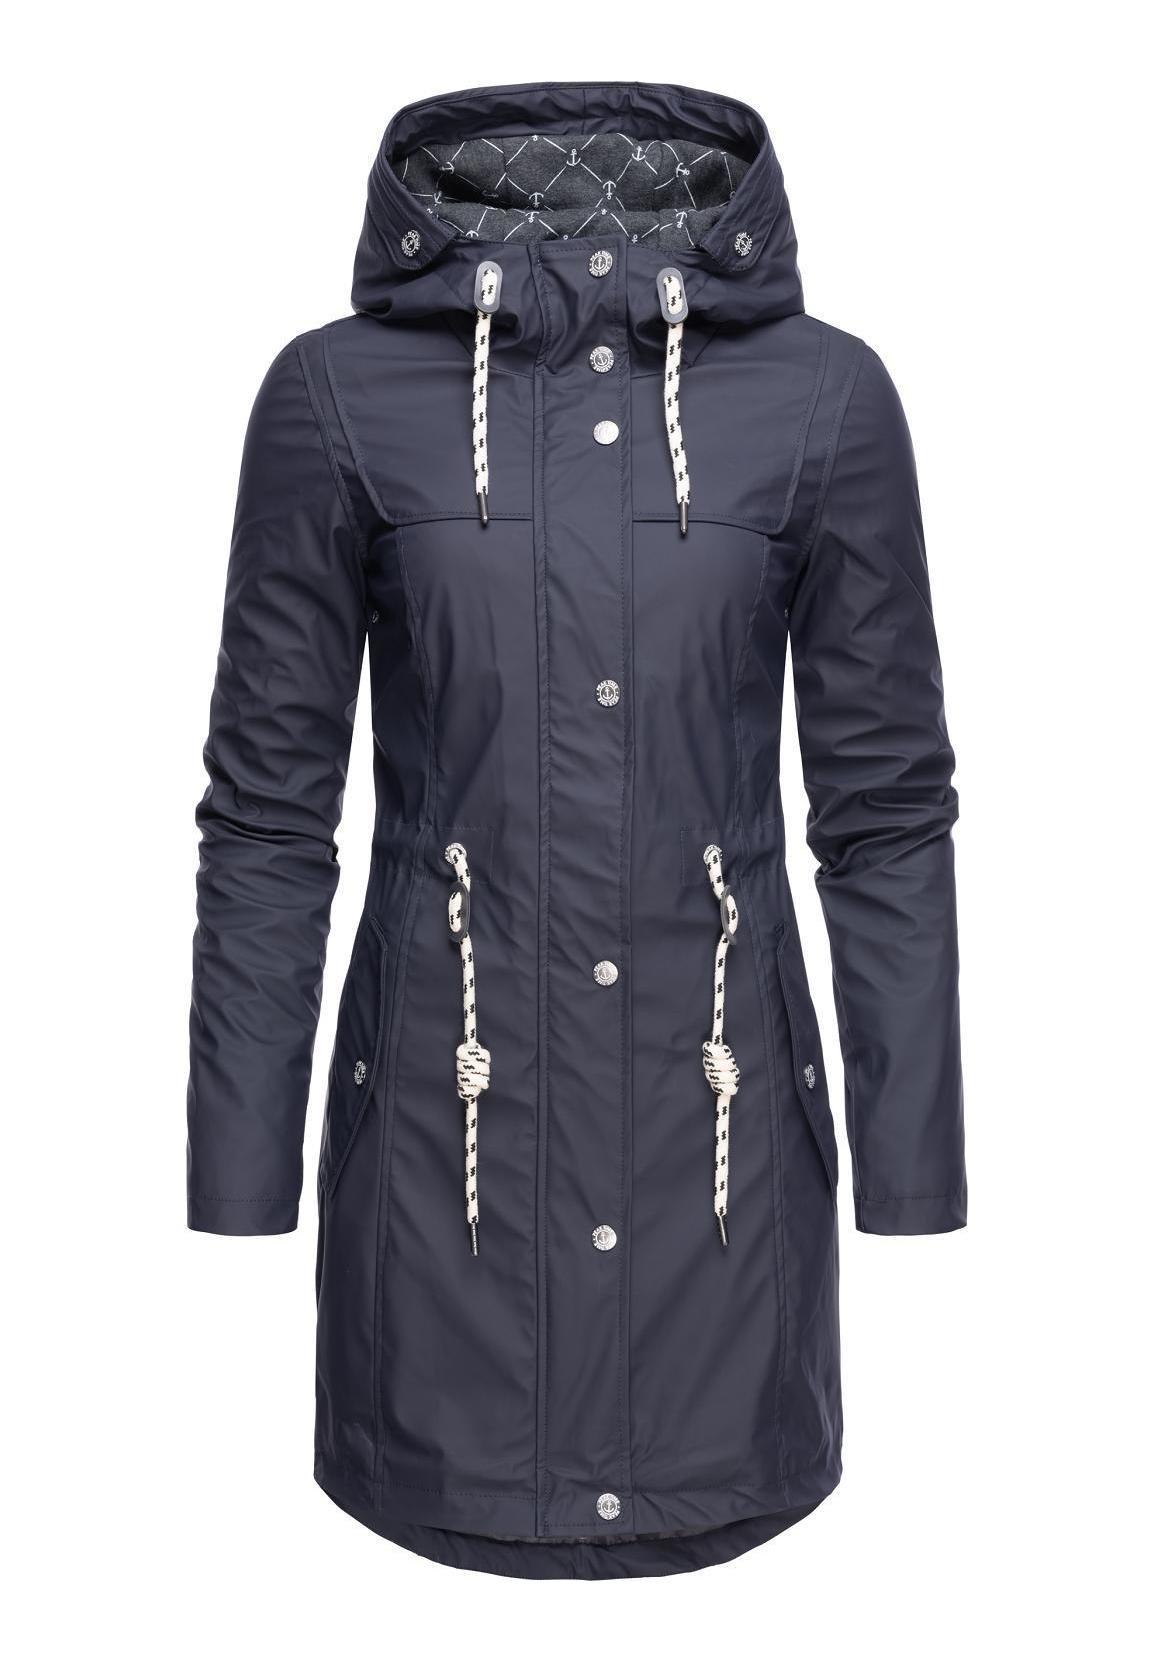 Jacken für Damen versandkostenfrei kaufen | ZALANDO